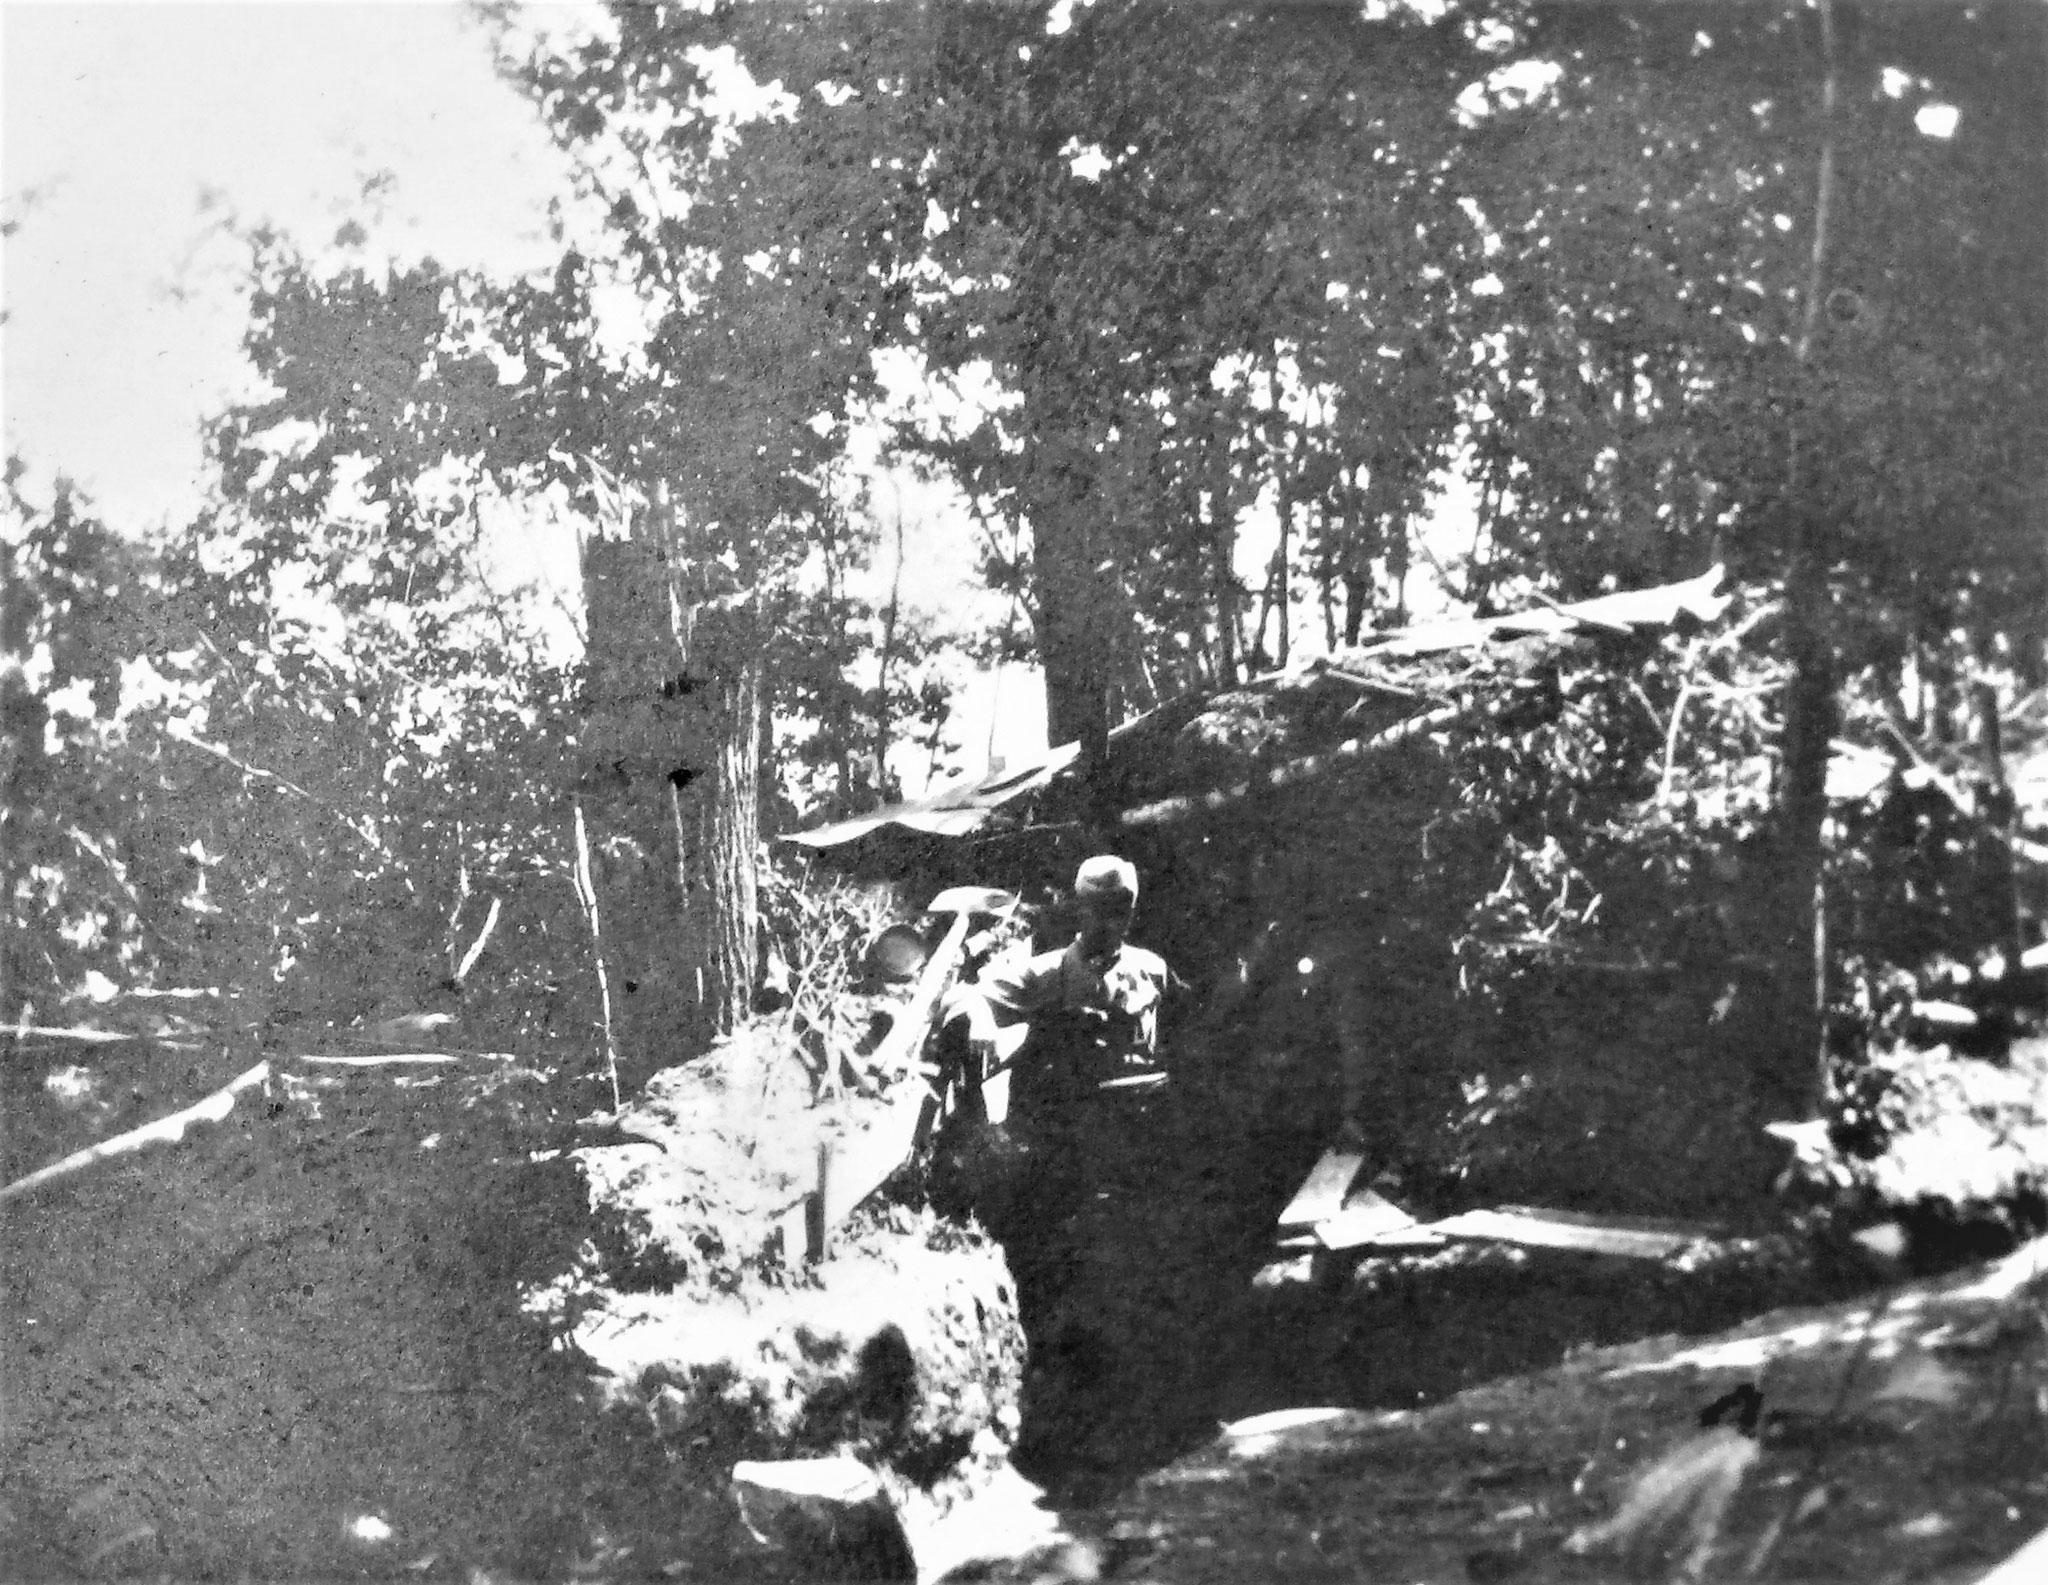 Fwache 11, Unterstand. Diese Feldwache wurde von den Russen wiederholt mit Granaten bedacht.